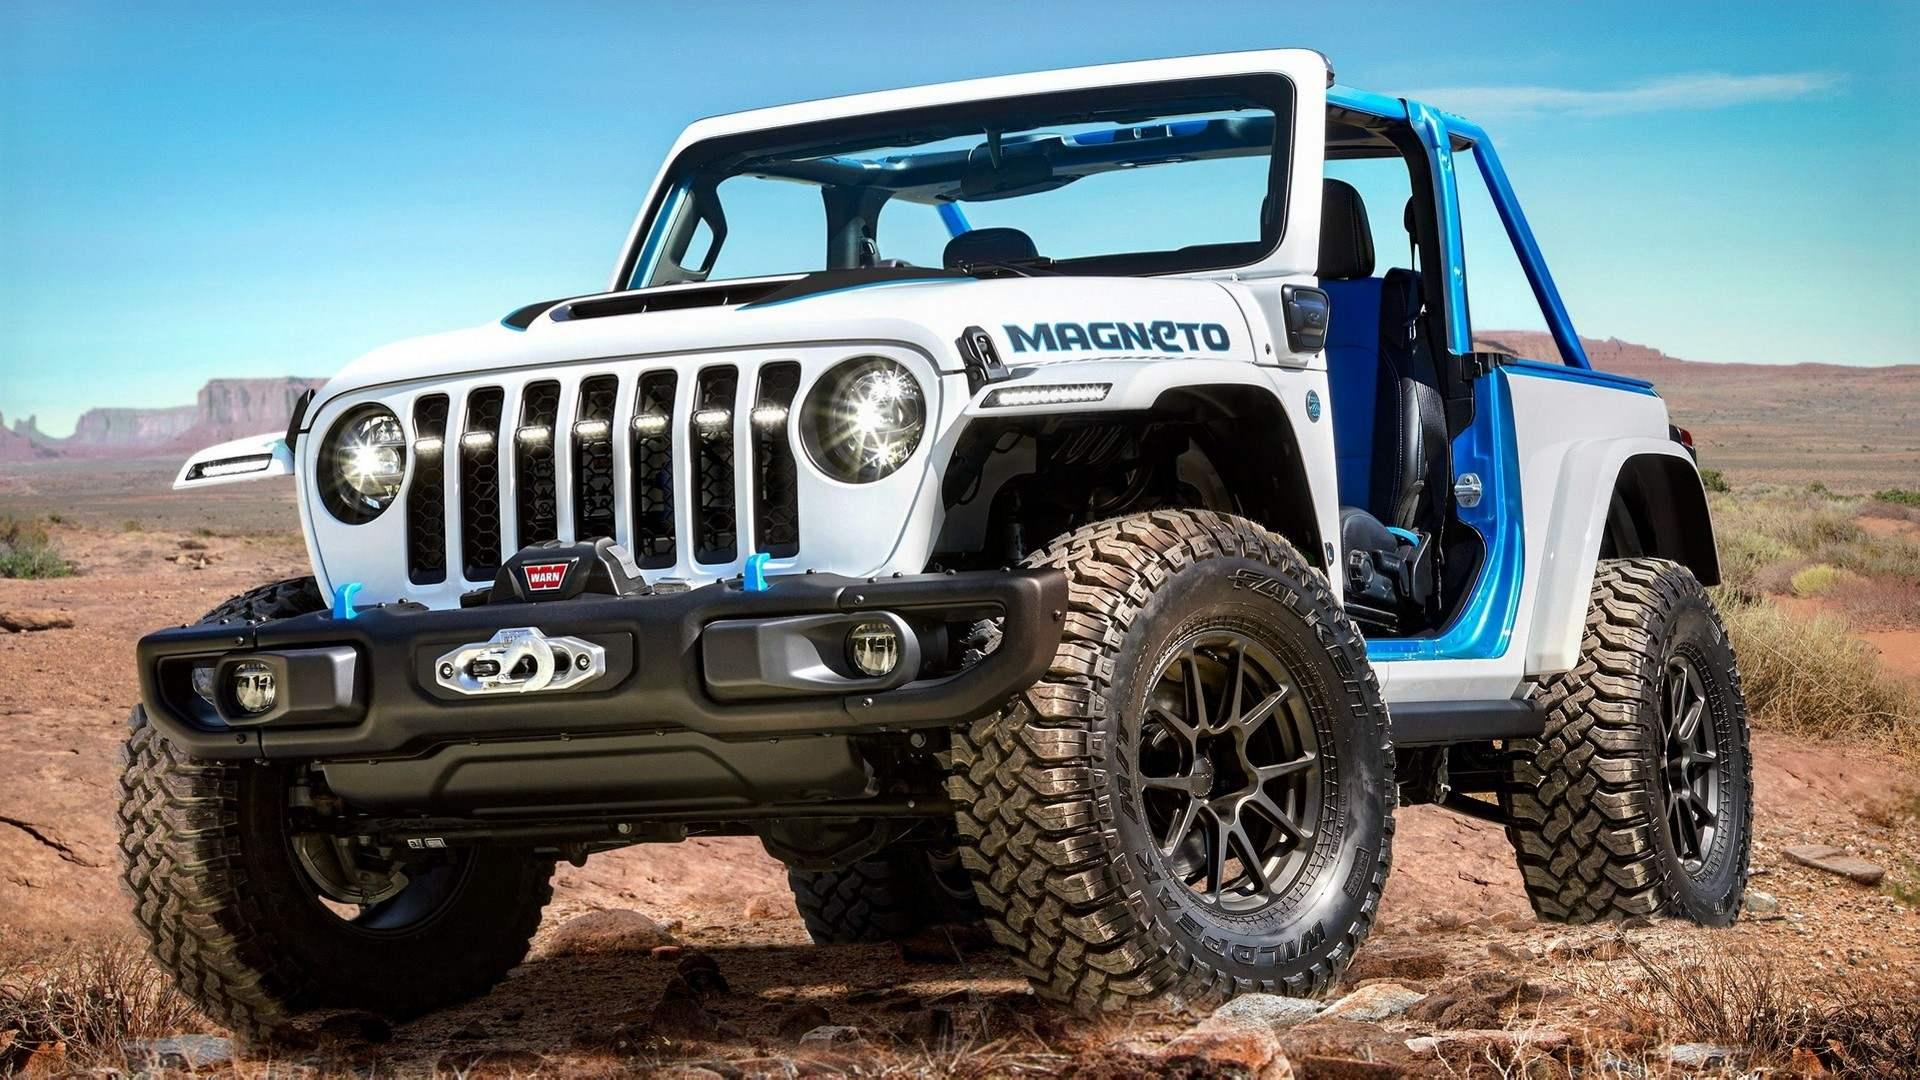 Jeep Wrangler Magneto Concept, un todoterreno eléctrico y manual